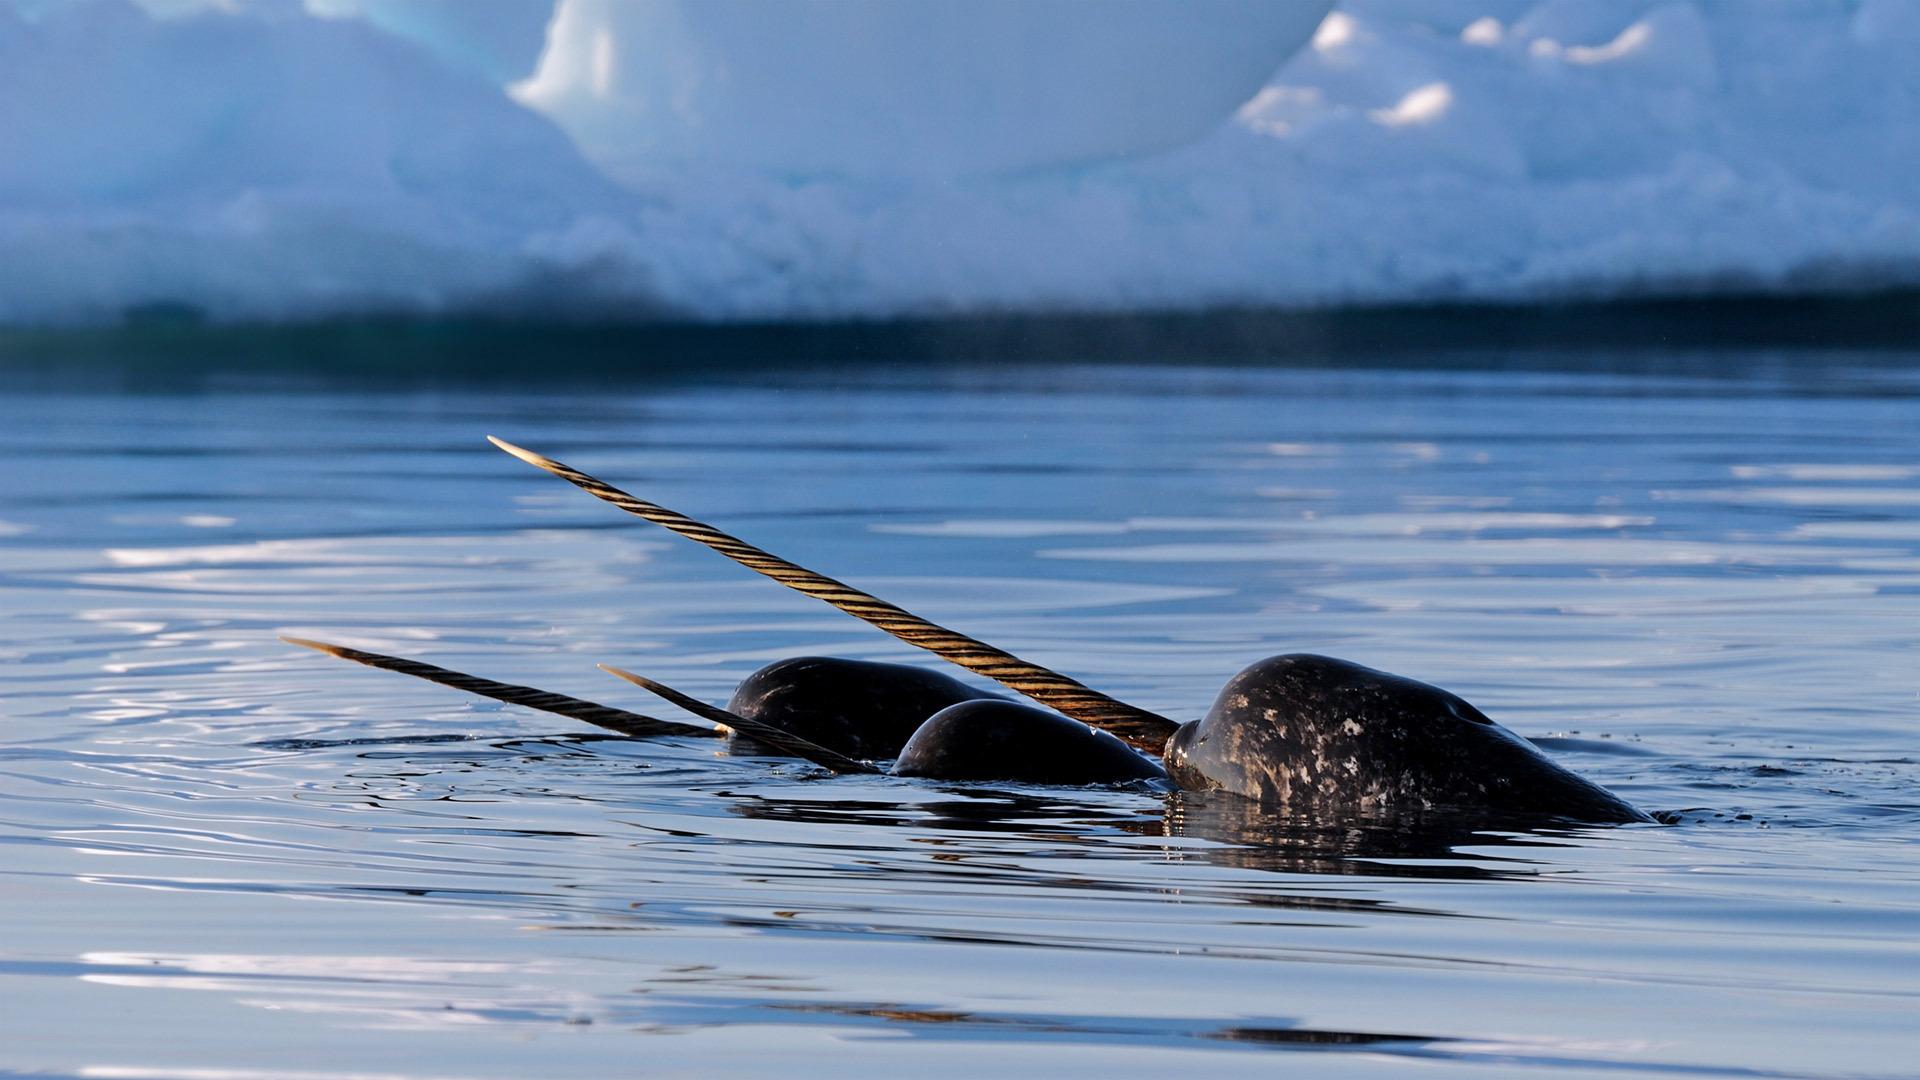 巴芬岛附近的一群独角鲸独角鲸